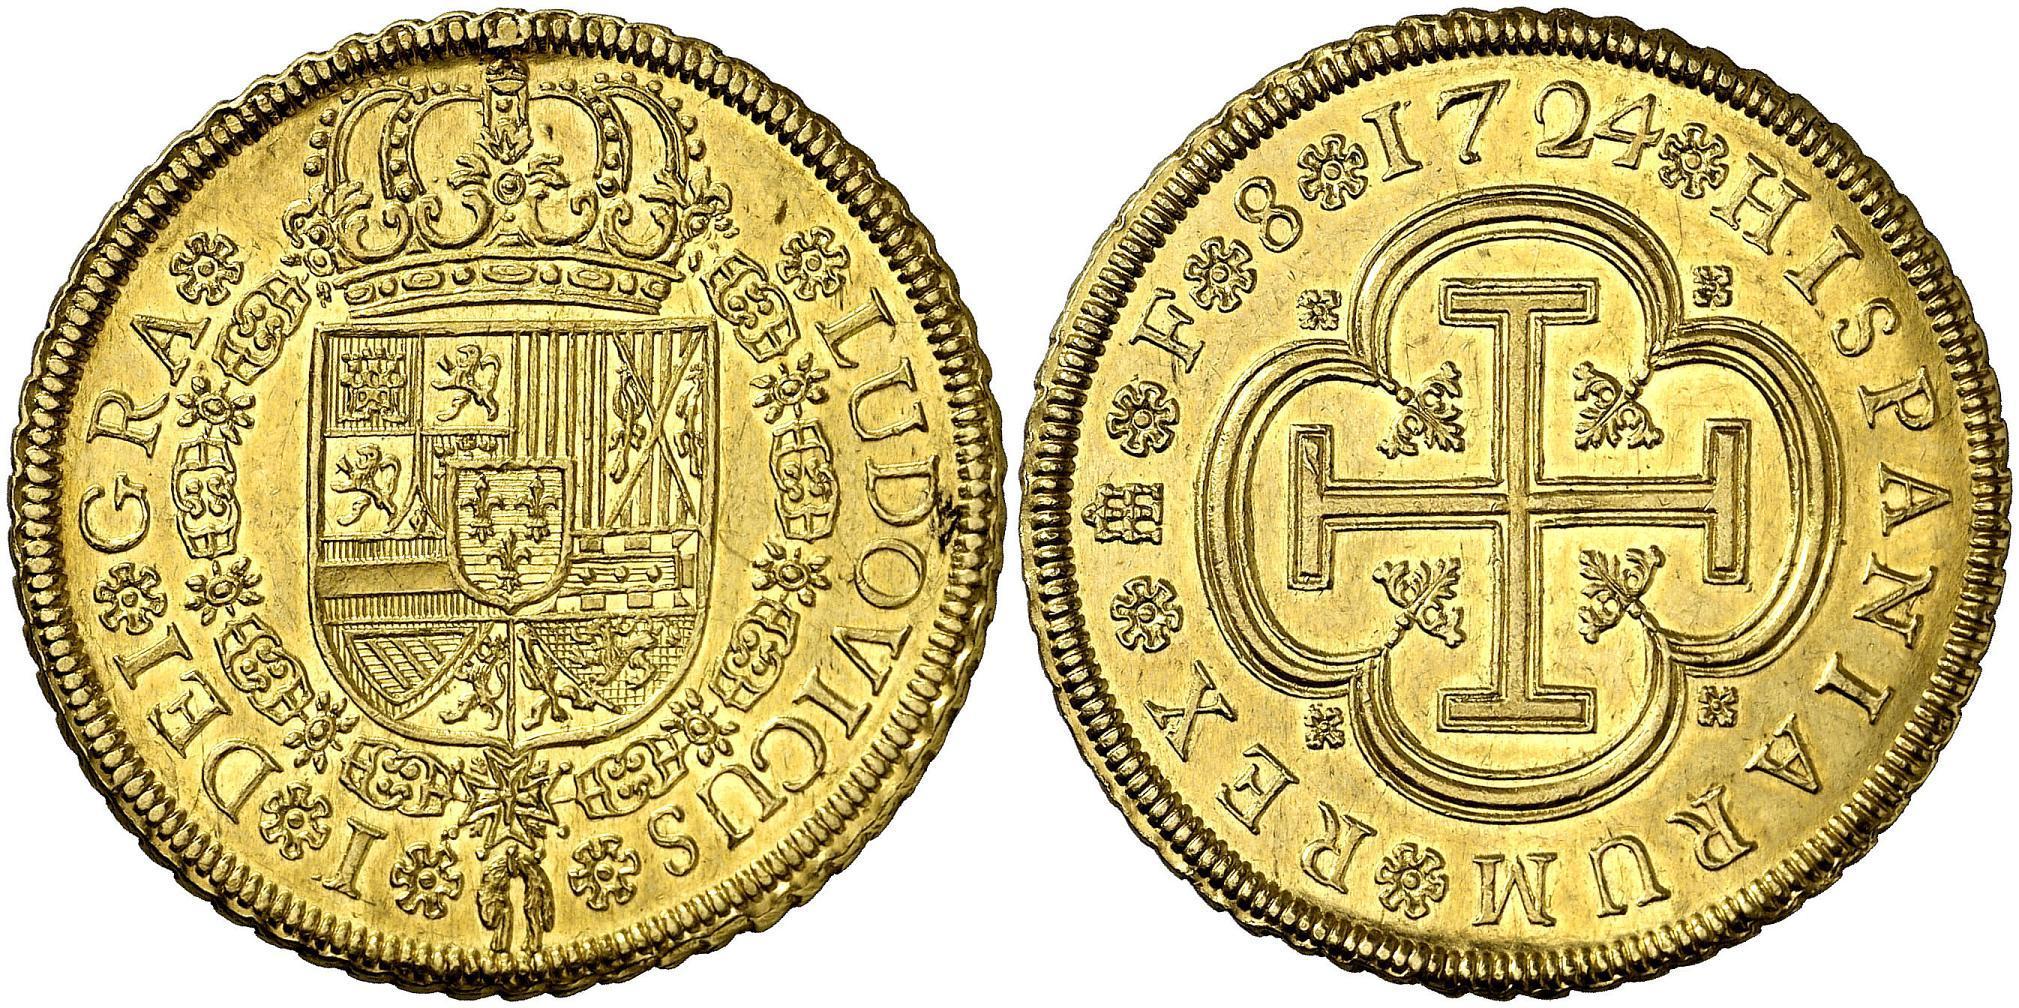 8-escudos-de-segovia.-luis-i.-1724.-salida-150.000-euros.-aureocalico